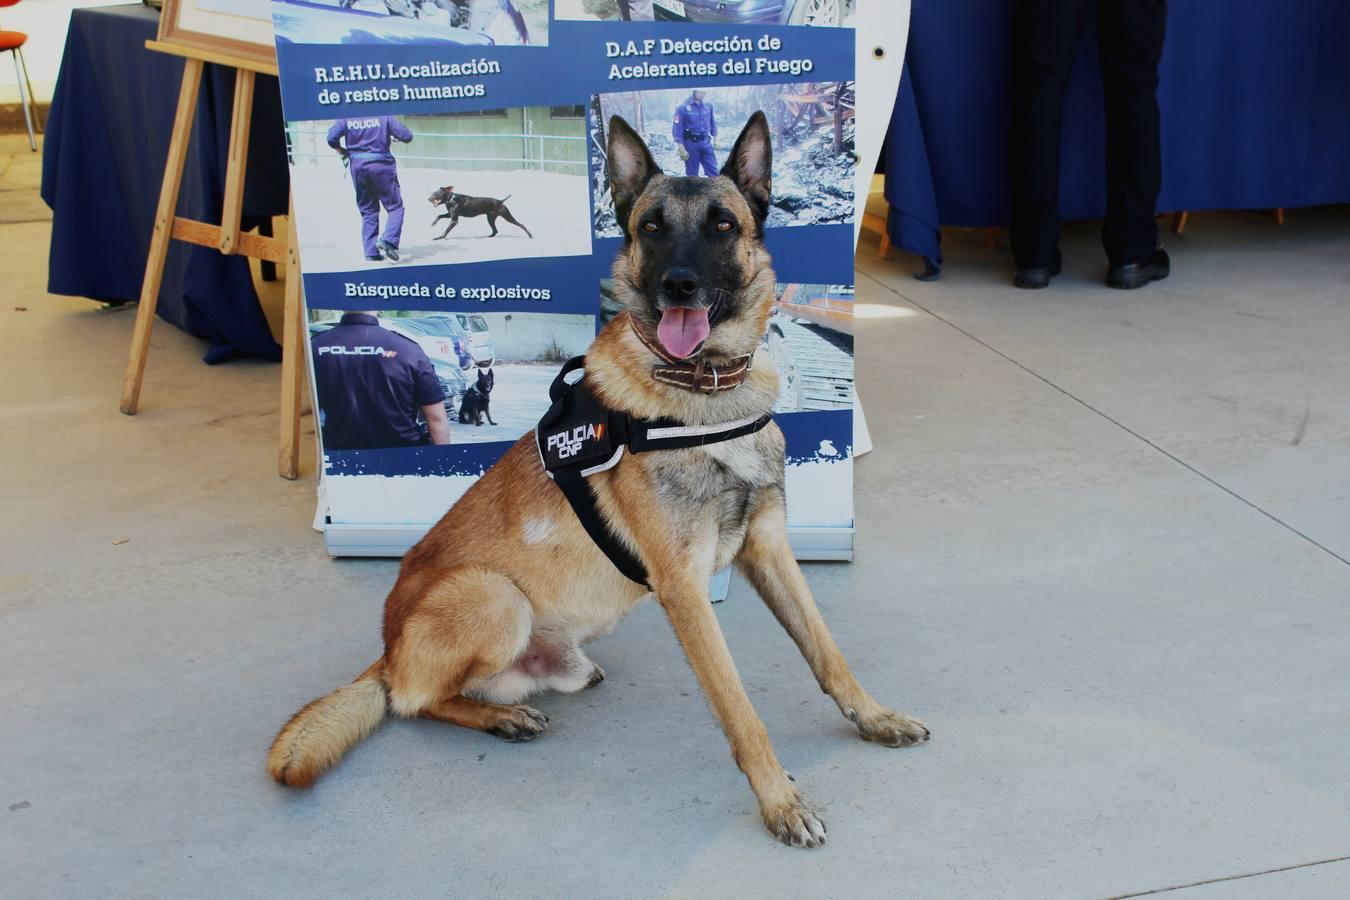 Exposición de la Policía Nacional en Memoria de Menacho